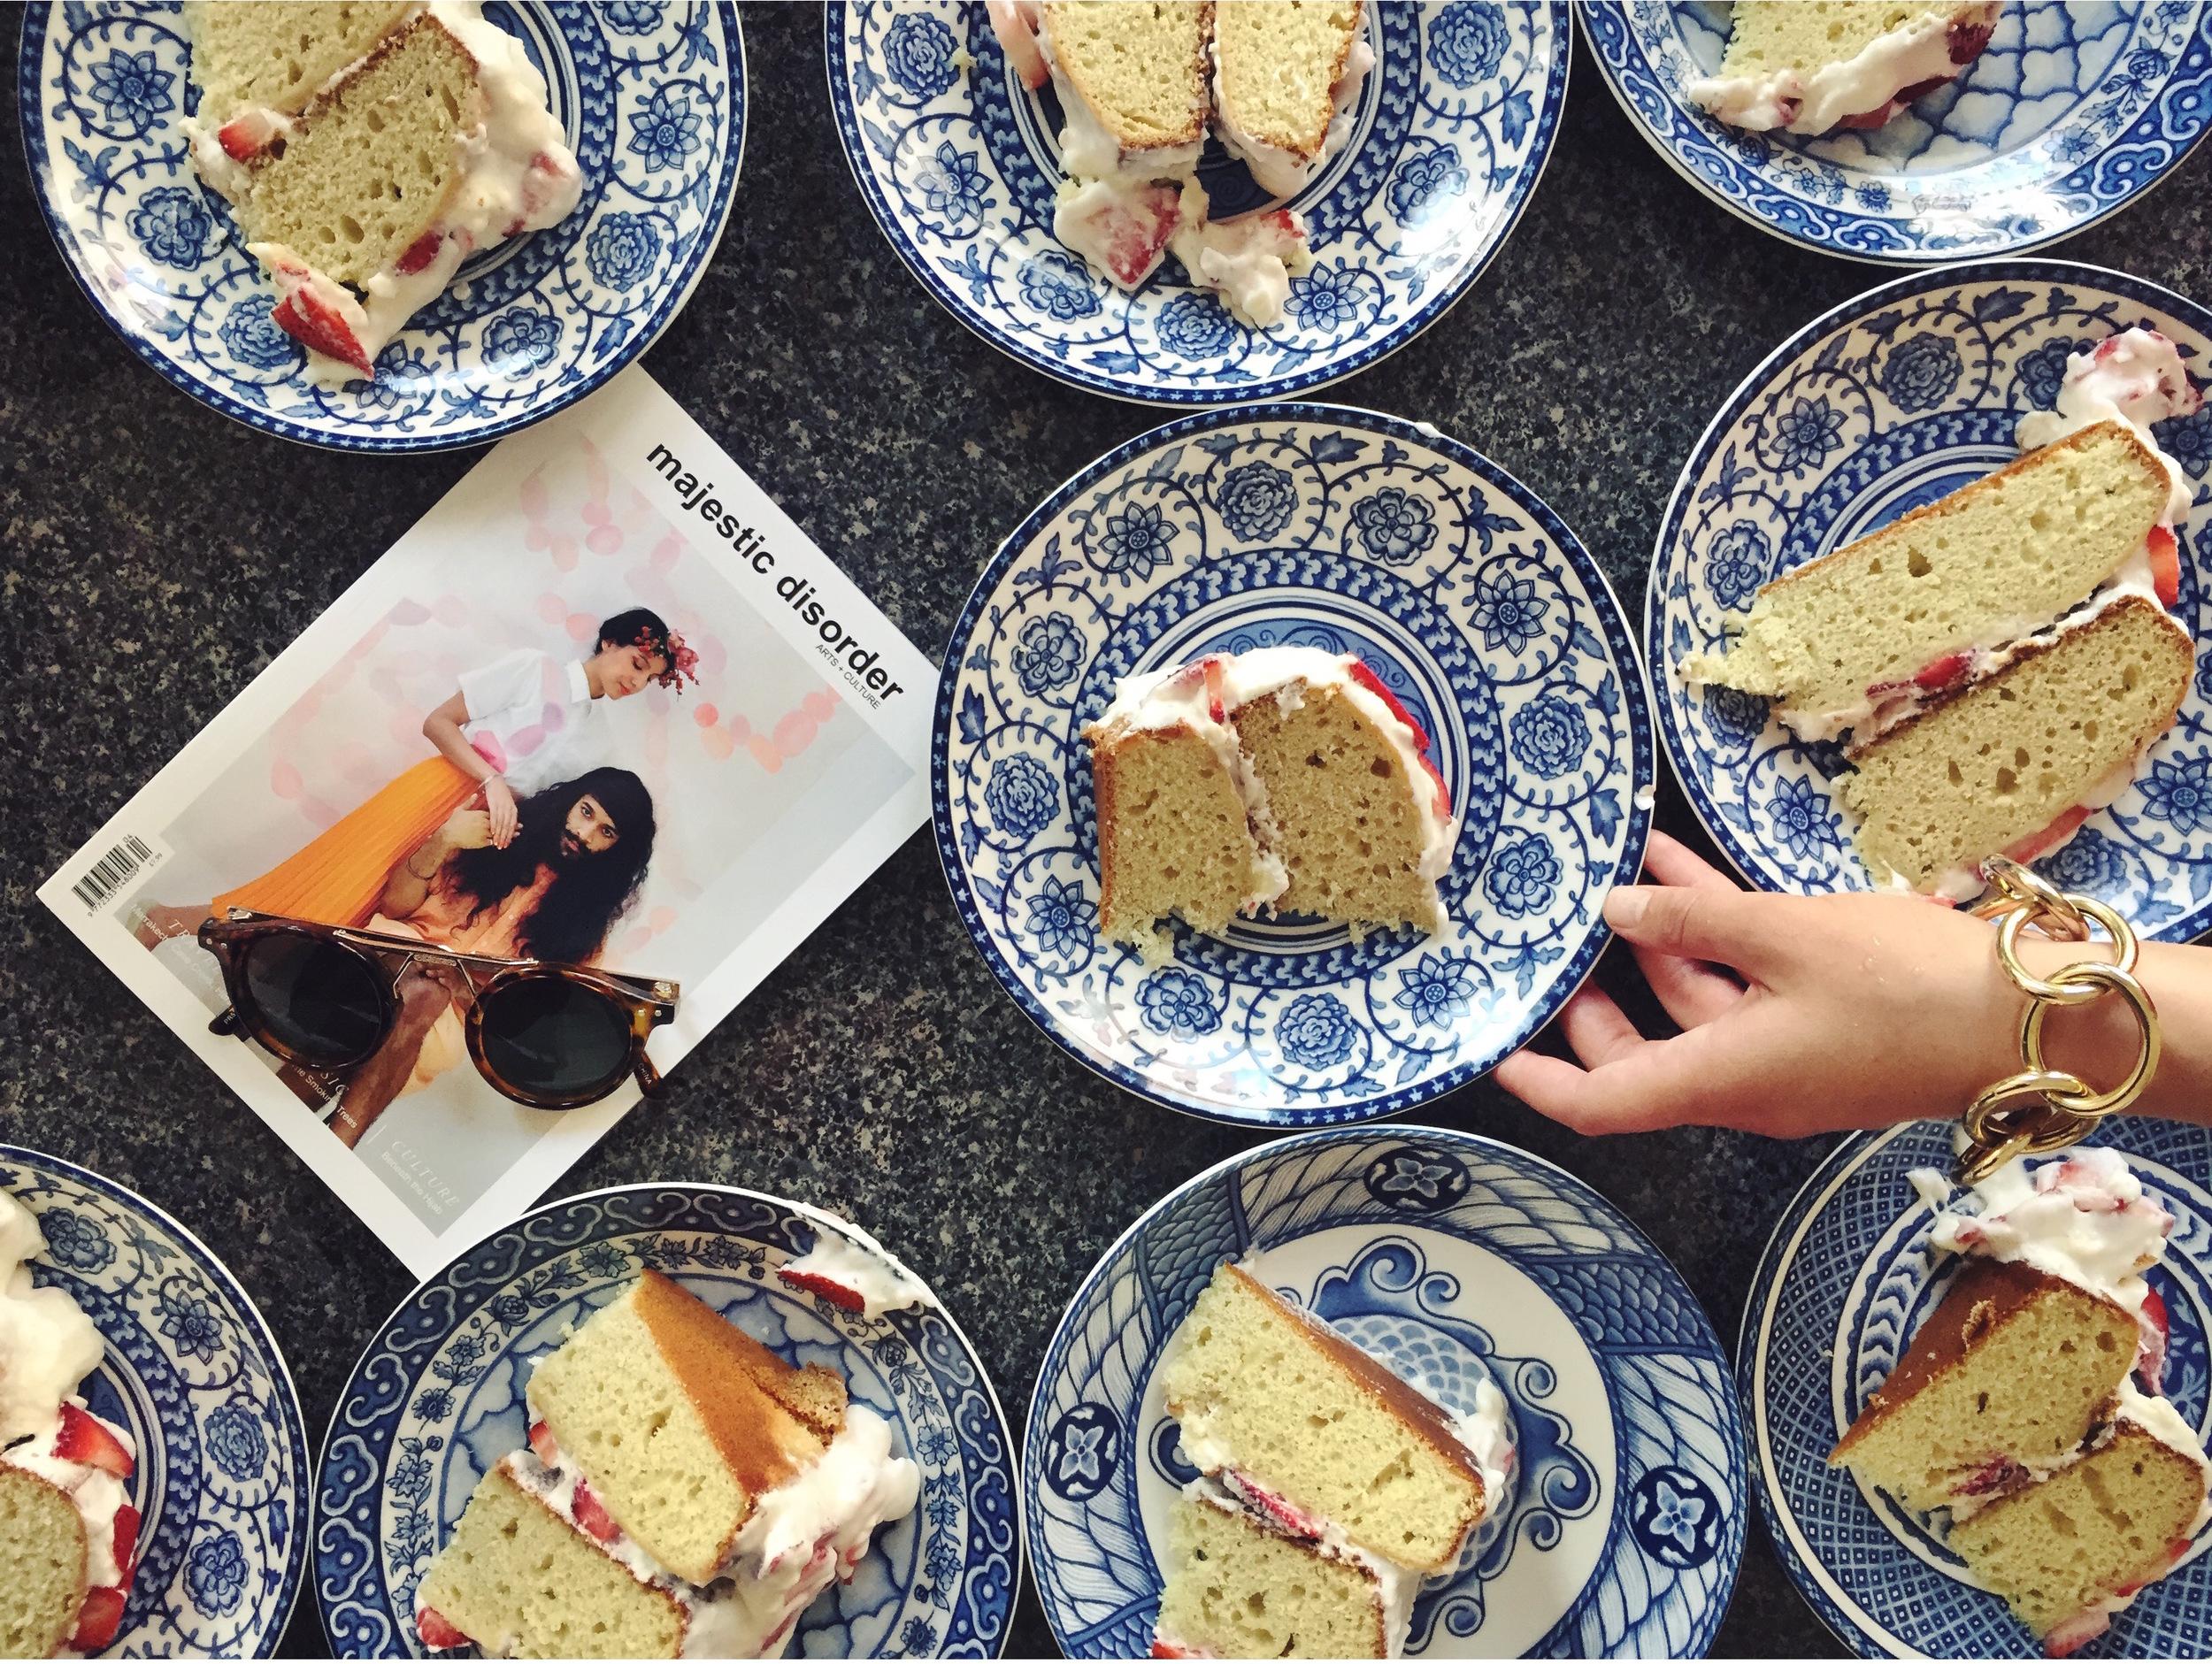 Stephanie plating strawberry shortcake with majestic disorder magazine Issue IV (image via  @majesticdisorder )